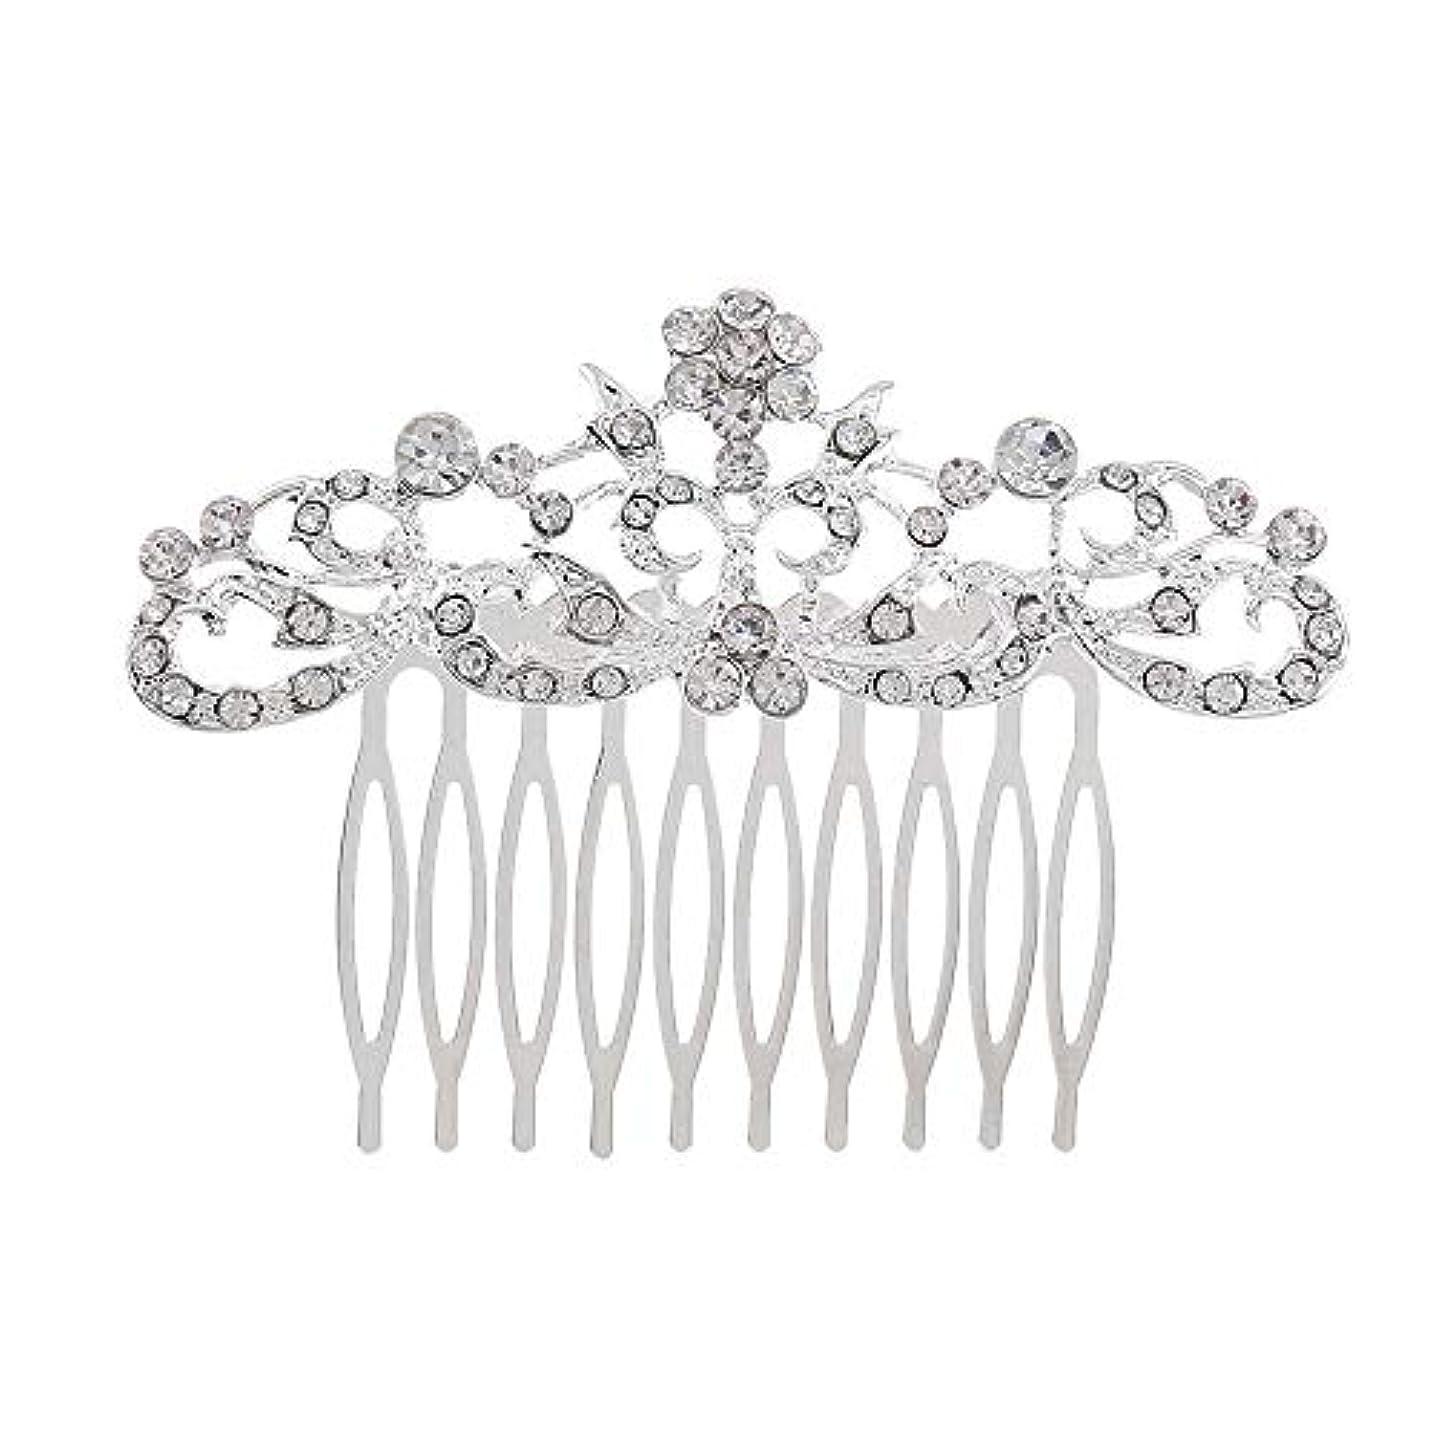 弾力性のあるチャート単独で髪の櫛の櫛の櫛の花嫁の髪の櫛のファッションラインストーンの櫛の櫛の花嫁の頭飾りの結婚式のアクセサリー